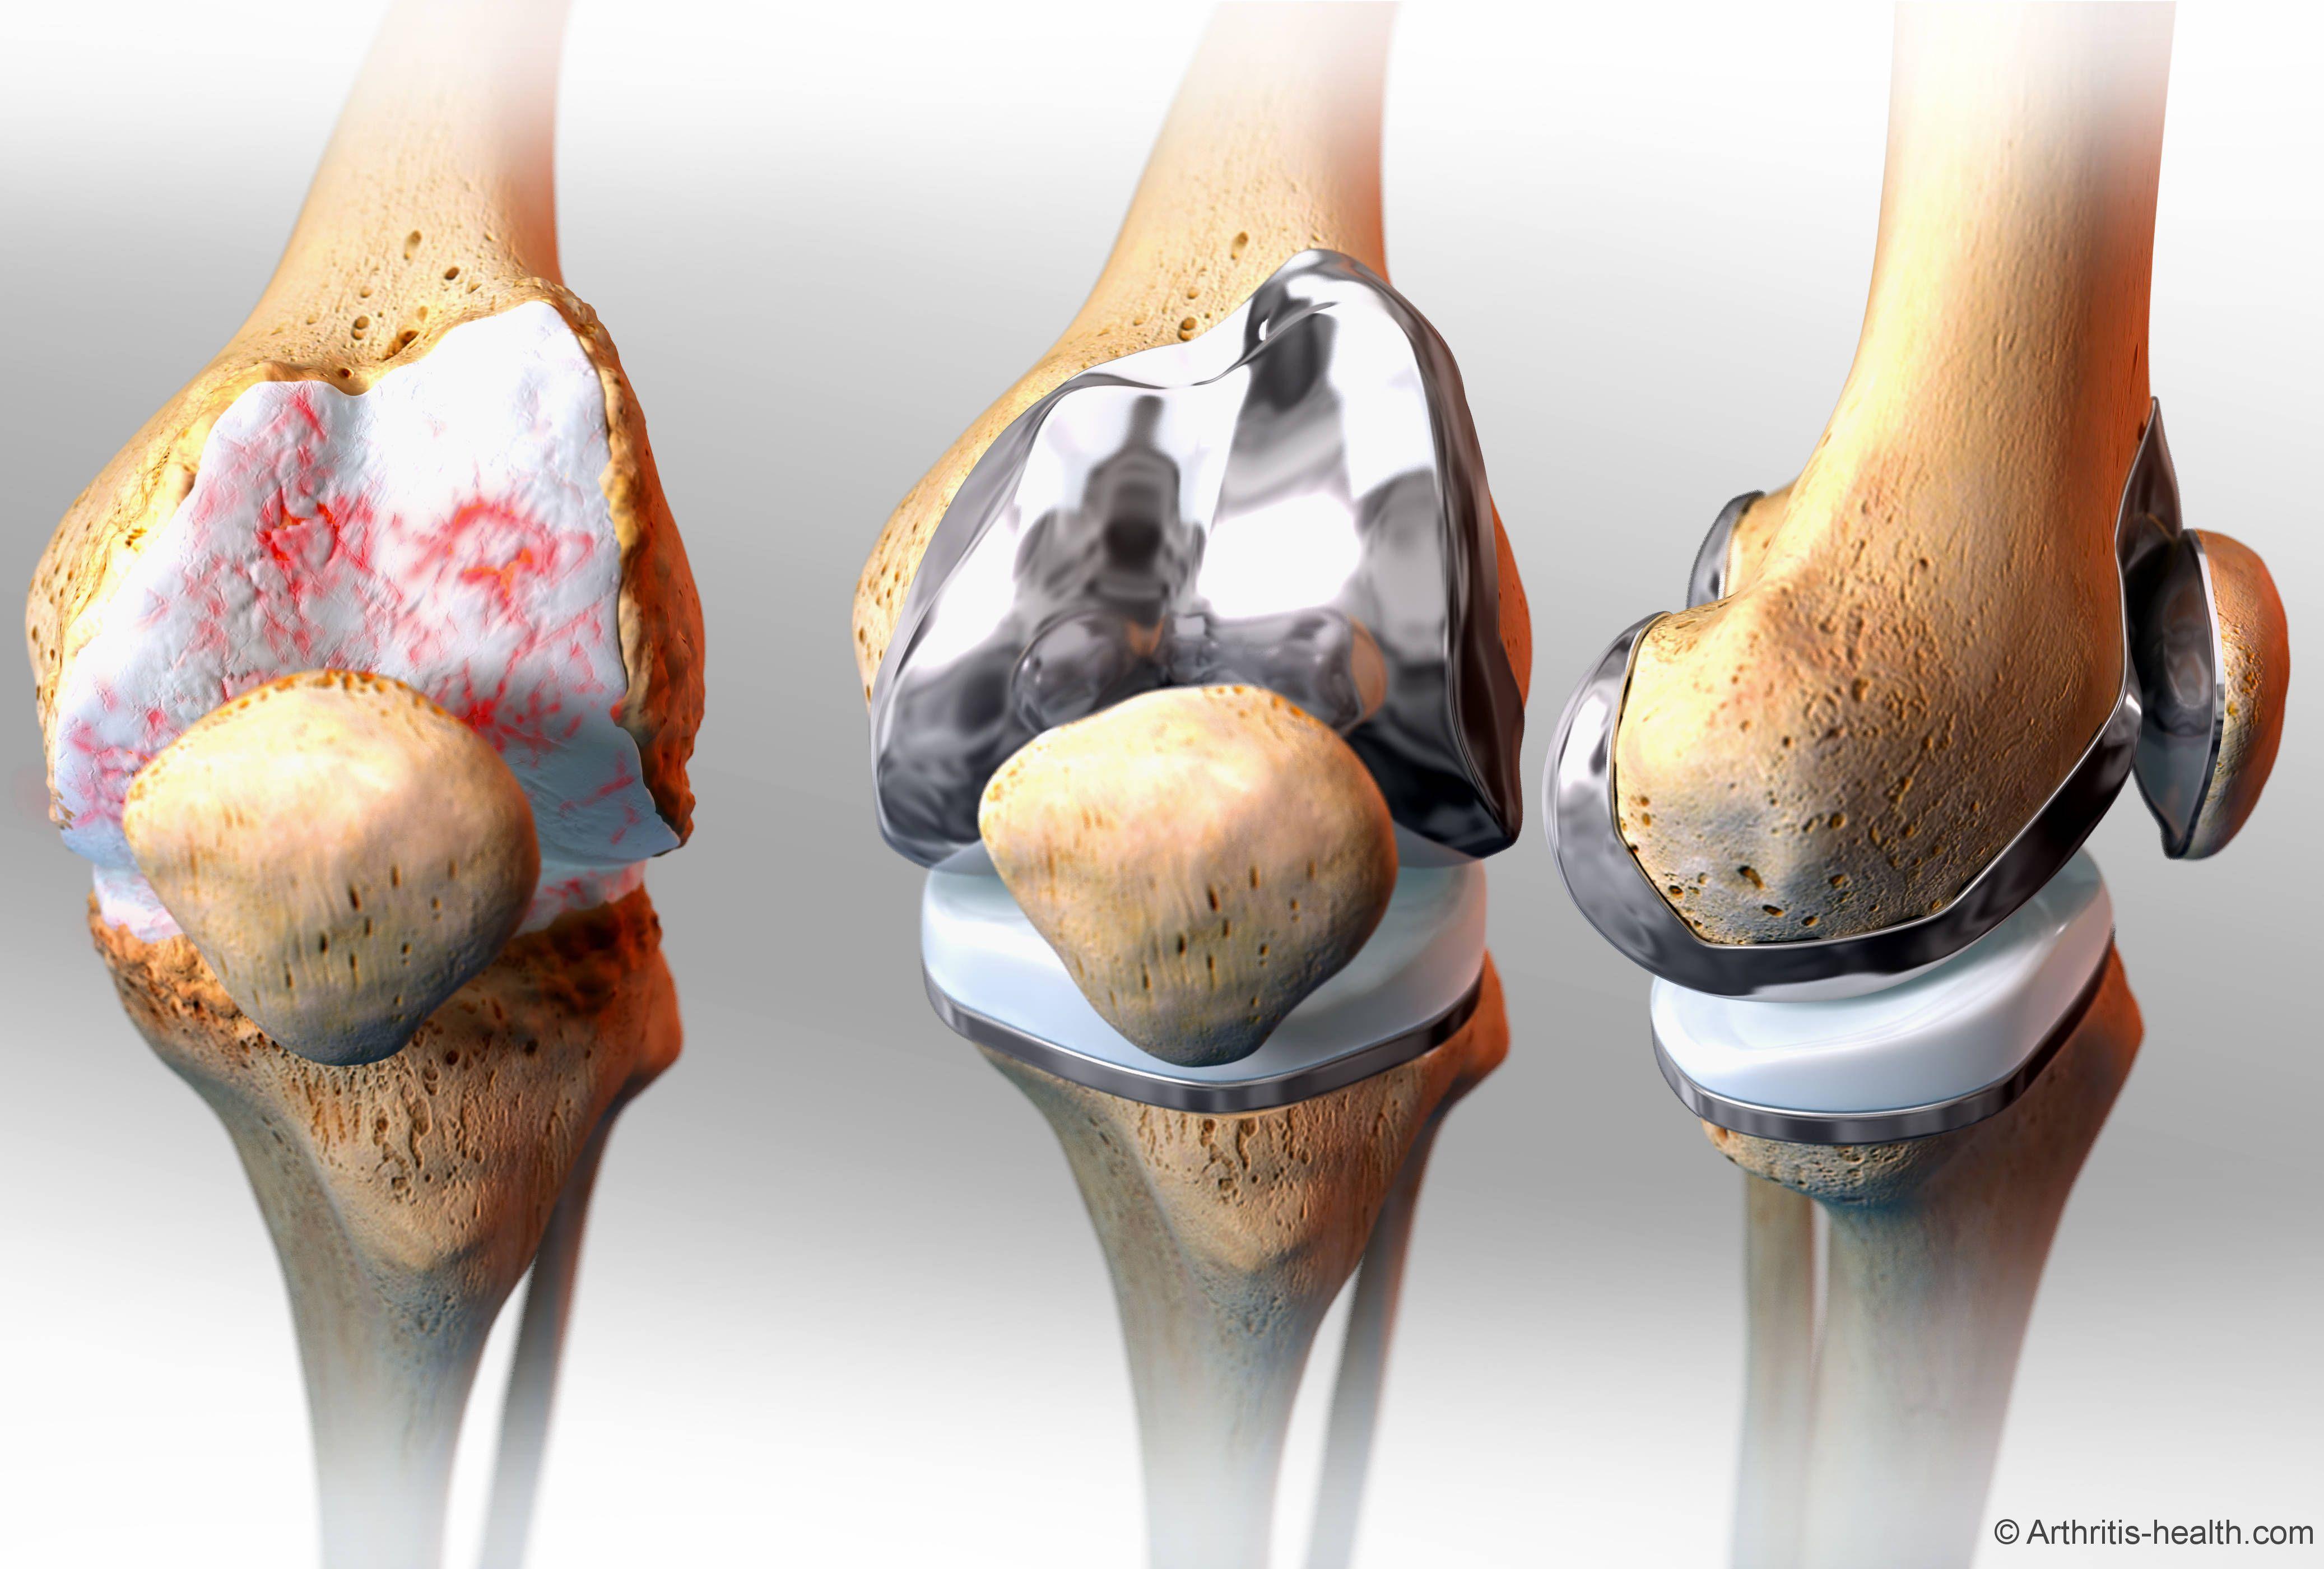 протезирование коленного сустава картинки вполне реально